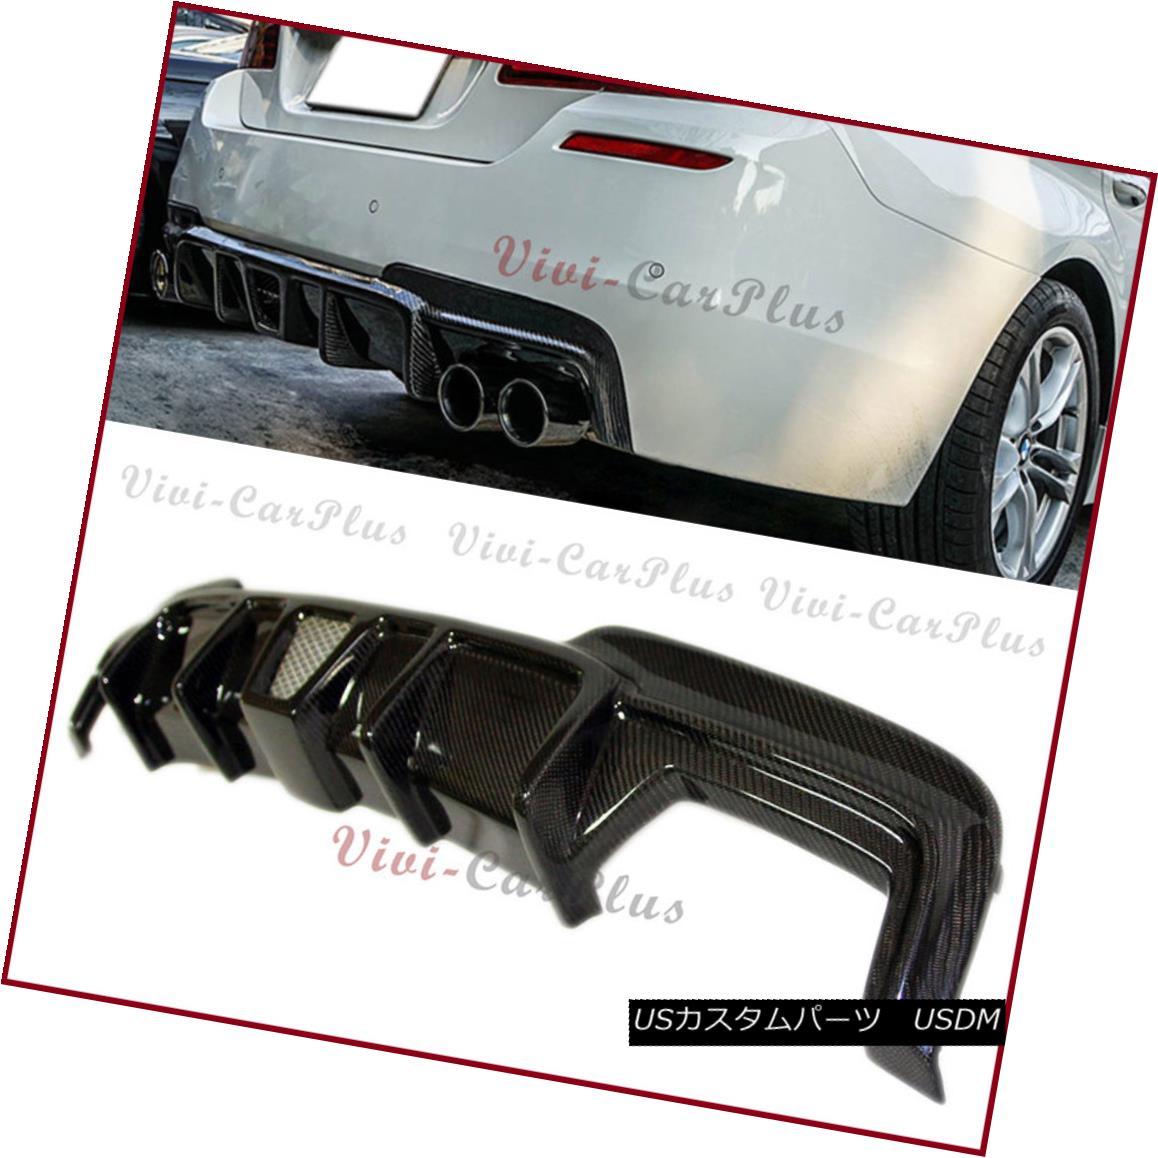 エアロパーツ Fit BMW 11-15 F10 F11 Sedan Wagon M-Sport Bumper GTS Type Carbon Fiber Diffuser フィットBMW 11-15 F10 F11セダンワゴンMスポーツバンパーGTSタイプ炭素繊維ディフューザー